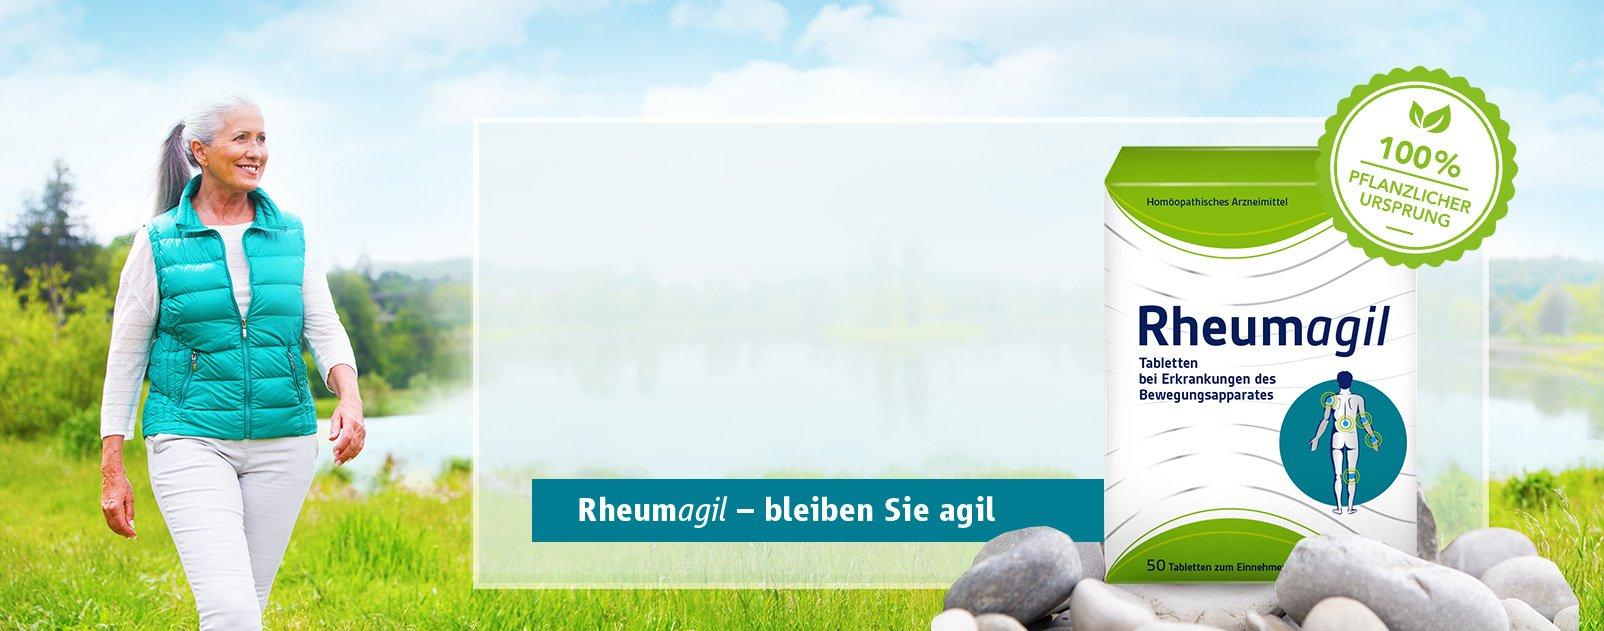 Rheumagil - Wirkformel